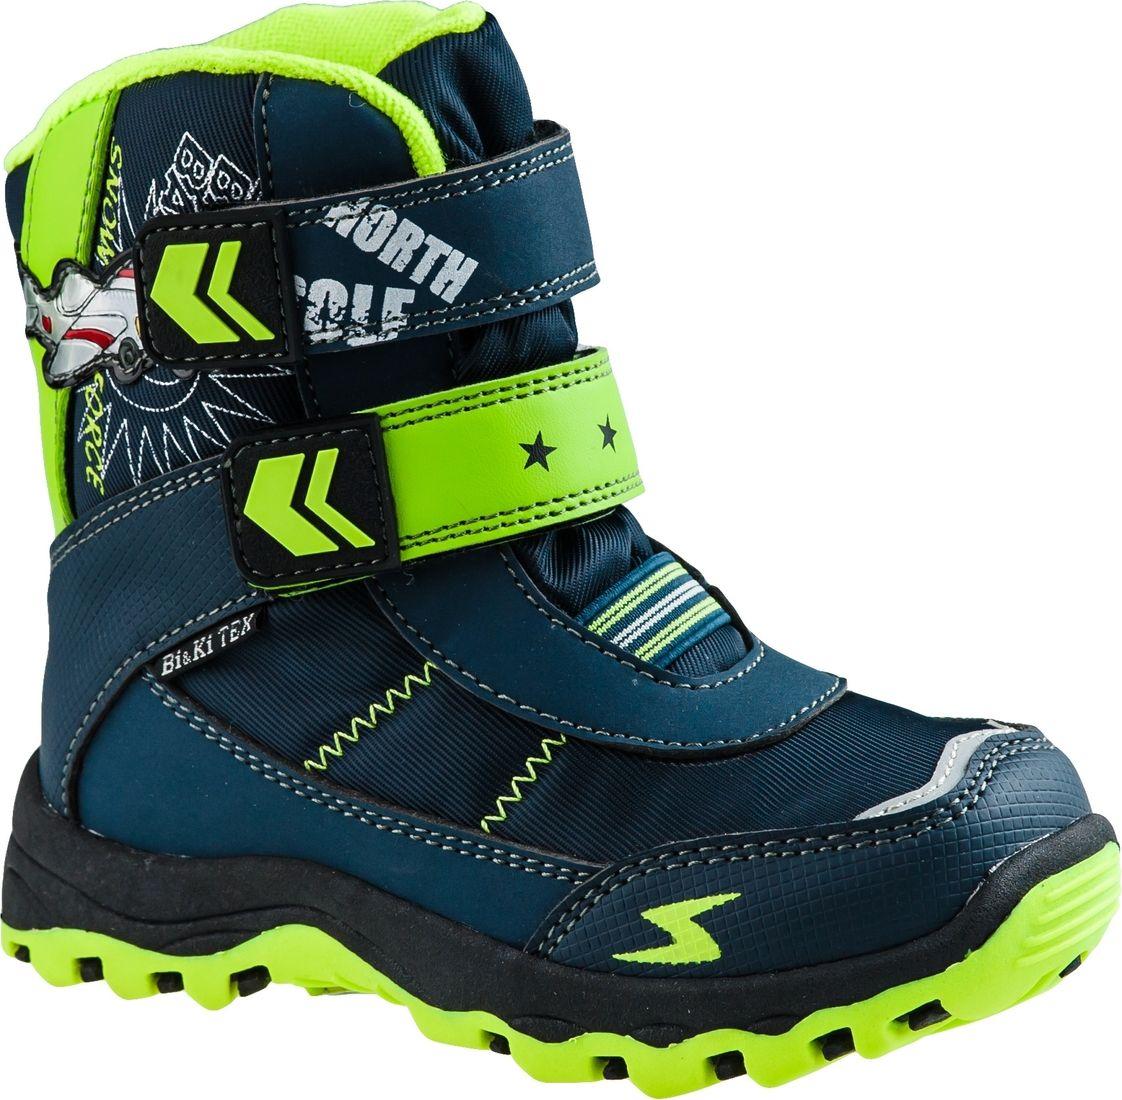 Ботинки для мальчика BiKi, цвет: синий, салатовый. А-В20-35-B. Размер 32А-В20-35-BБотинки от BiKi придутся по душе вашему мальчику. Модель идеально подходит для зимы, сохраняет комфортный микроклимат в обуви как при ношении на улице, так и в помещении. Верх обуви изготовлен из искусственной кожи со вставками из водонепроницаемого текстиля и оформлен контрастной прострочкой, и принтом. Два ремешка на застежке-липучке и эластичная резинка надежно зафиксируют изделие на ноге. Подкладка и стелька изготовлены из искусственной шерсти, что позволяет сохранить тепло и гарантирует уют ногам. Подошва с рифлением обеспечивает идеальное сцепление с любыми поверхностями. Такие чудесные ботинки займут достойное место в гардеробе вашего ребенка.